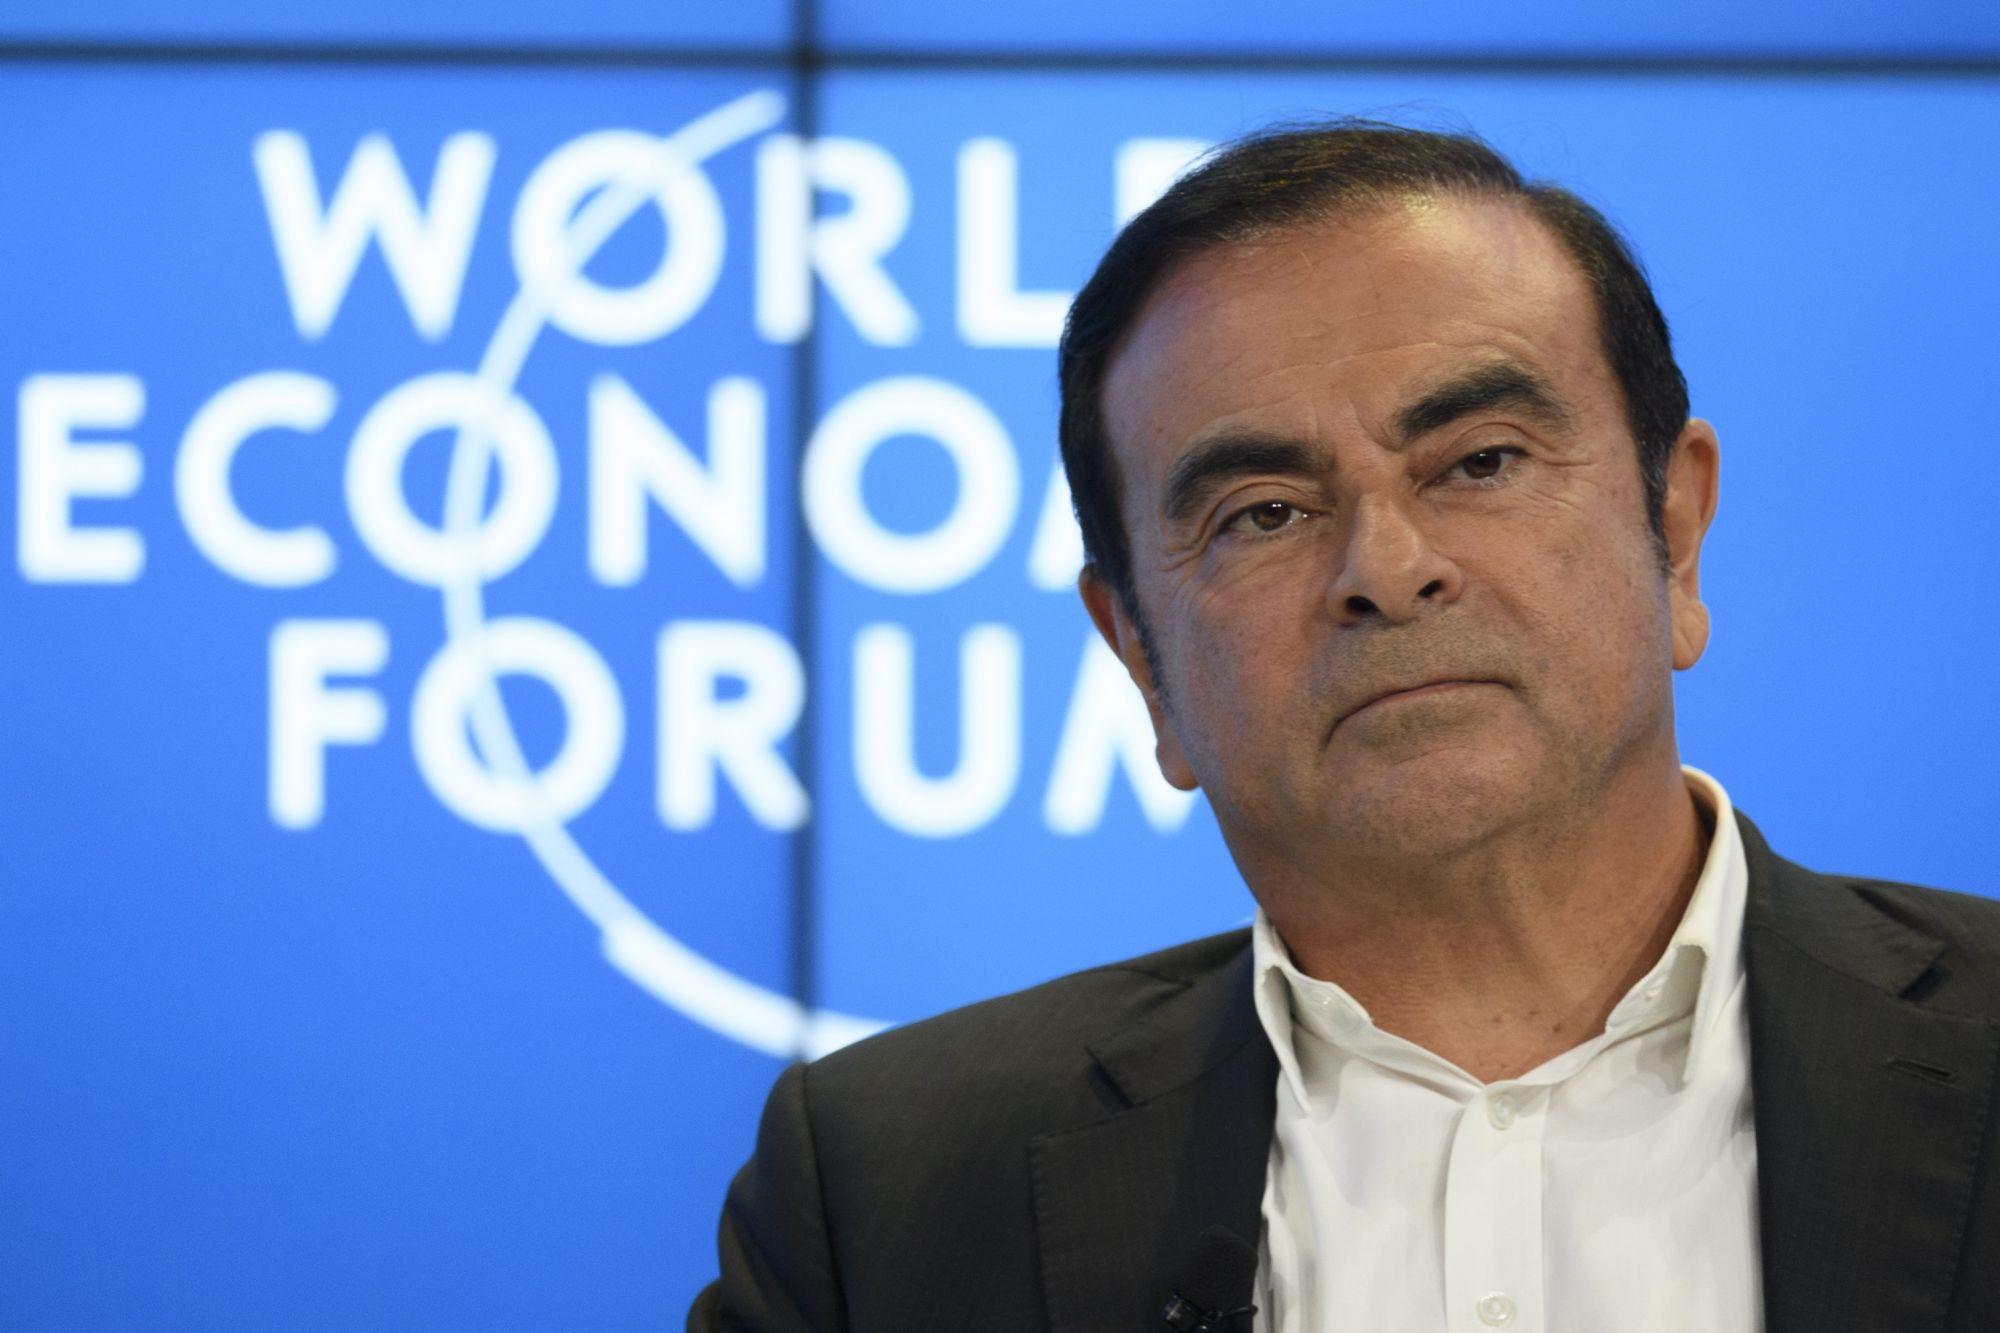 Carlos Ghosn, a Renault-Nissan-Mitsubishi csoport elnök-vezérigazgatója a 48. Világgazdasági Fórum megnyitóján Davosban, Svájcban 2018. január 23-án.   EPA/GIAN EHRENZELLER